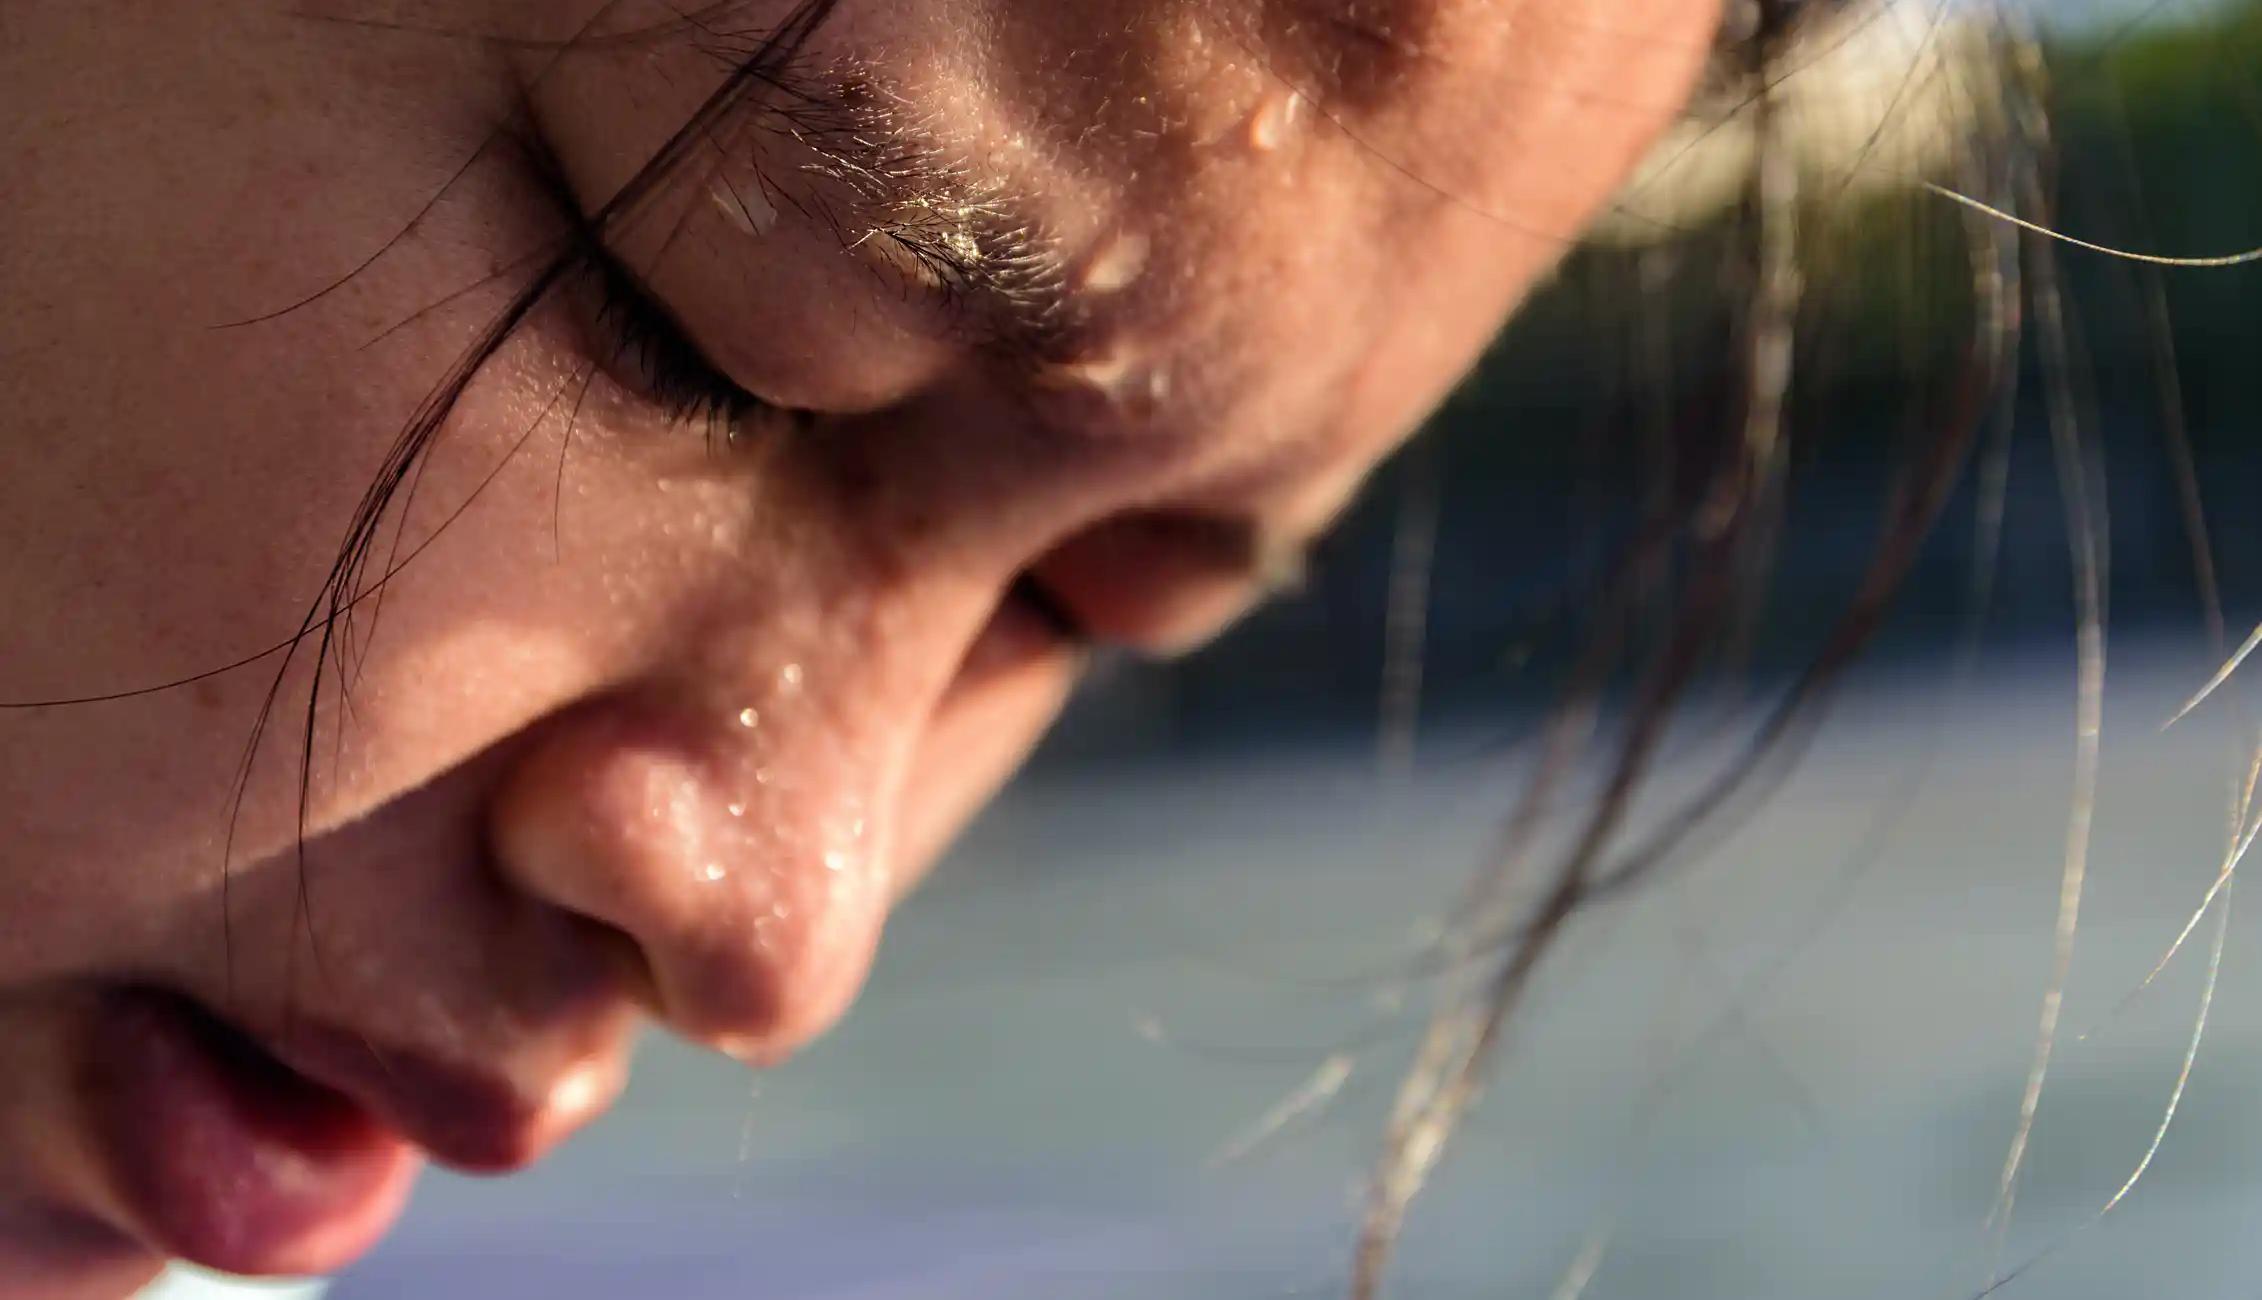 Если не остановить потепление, люди в тропиках начнут вымирать от жары, предупреждают климатологи. Но не все так просто